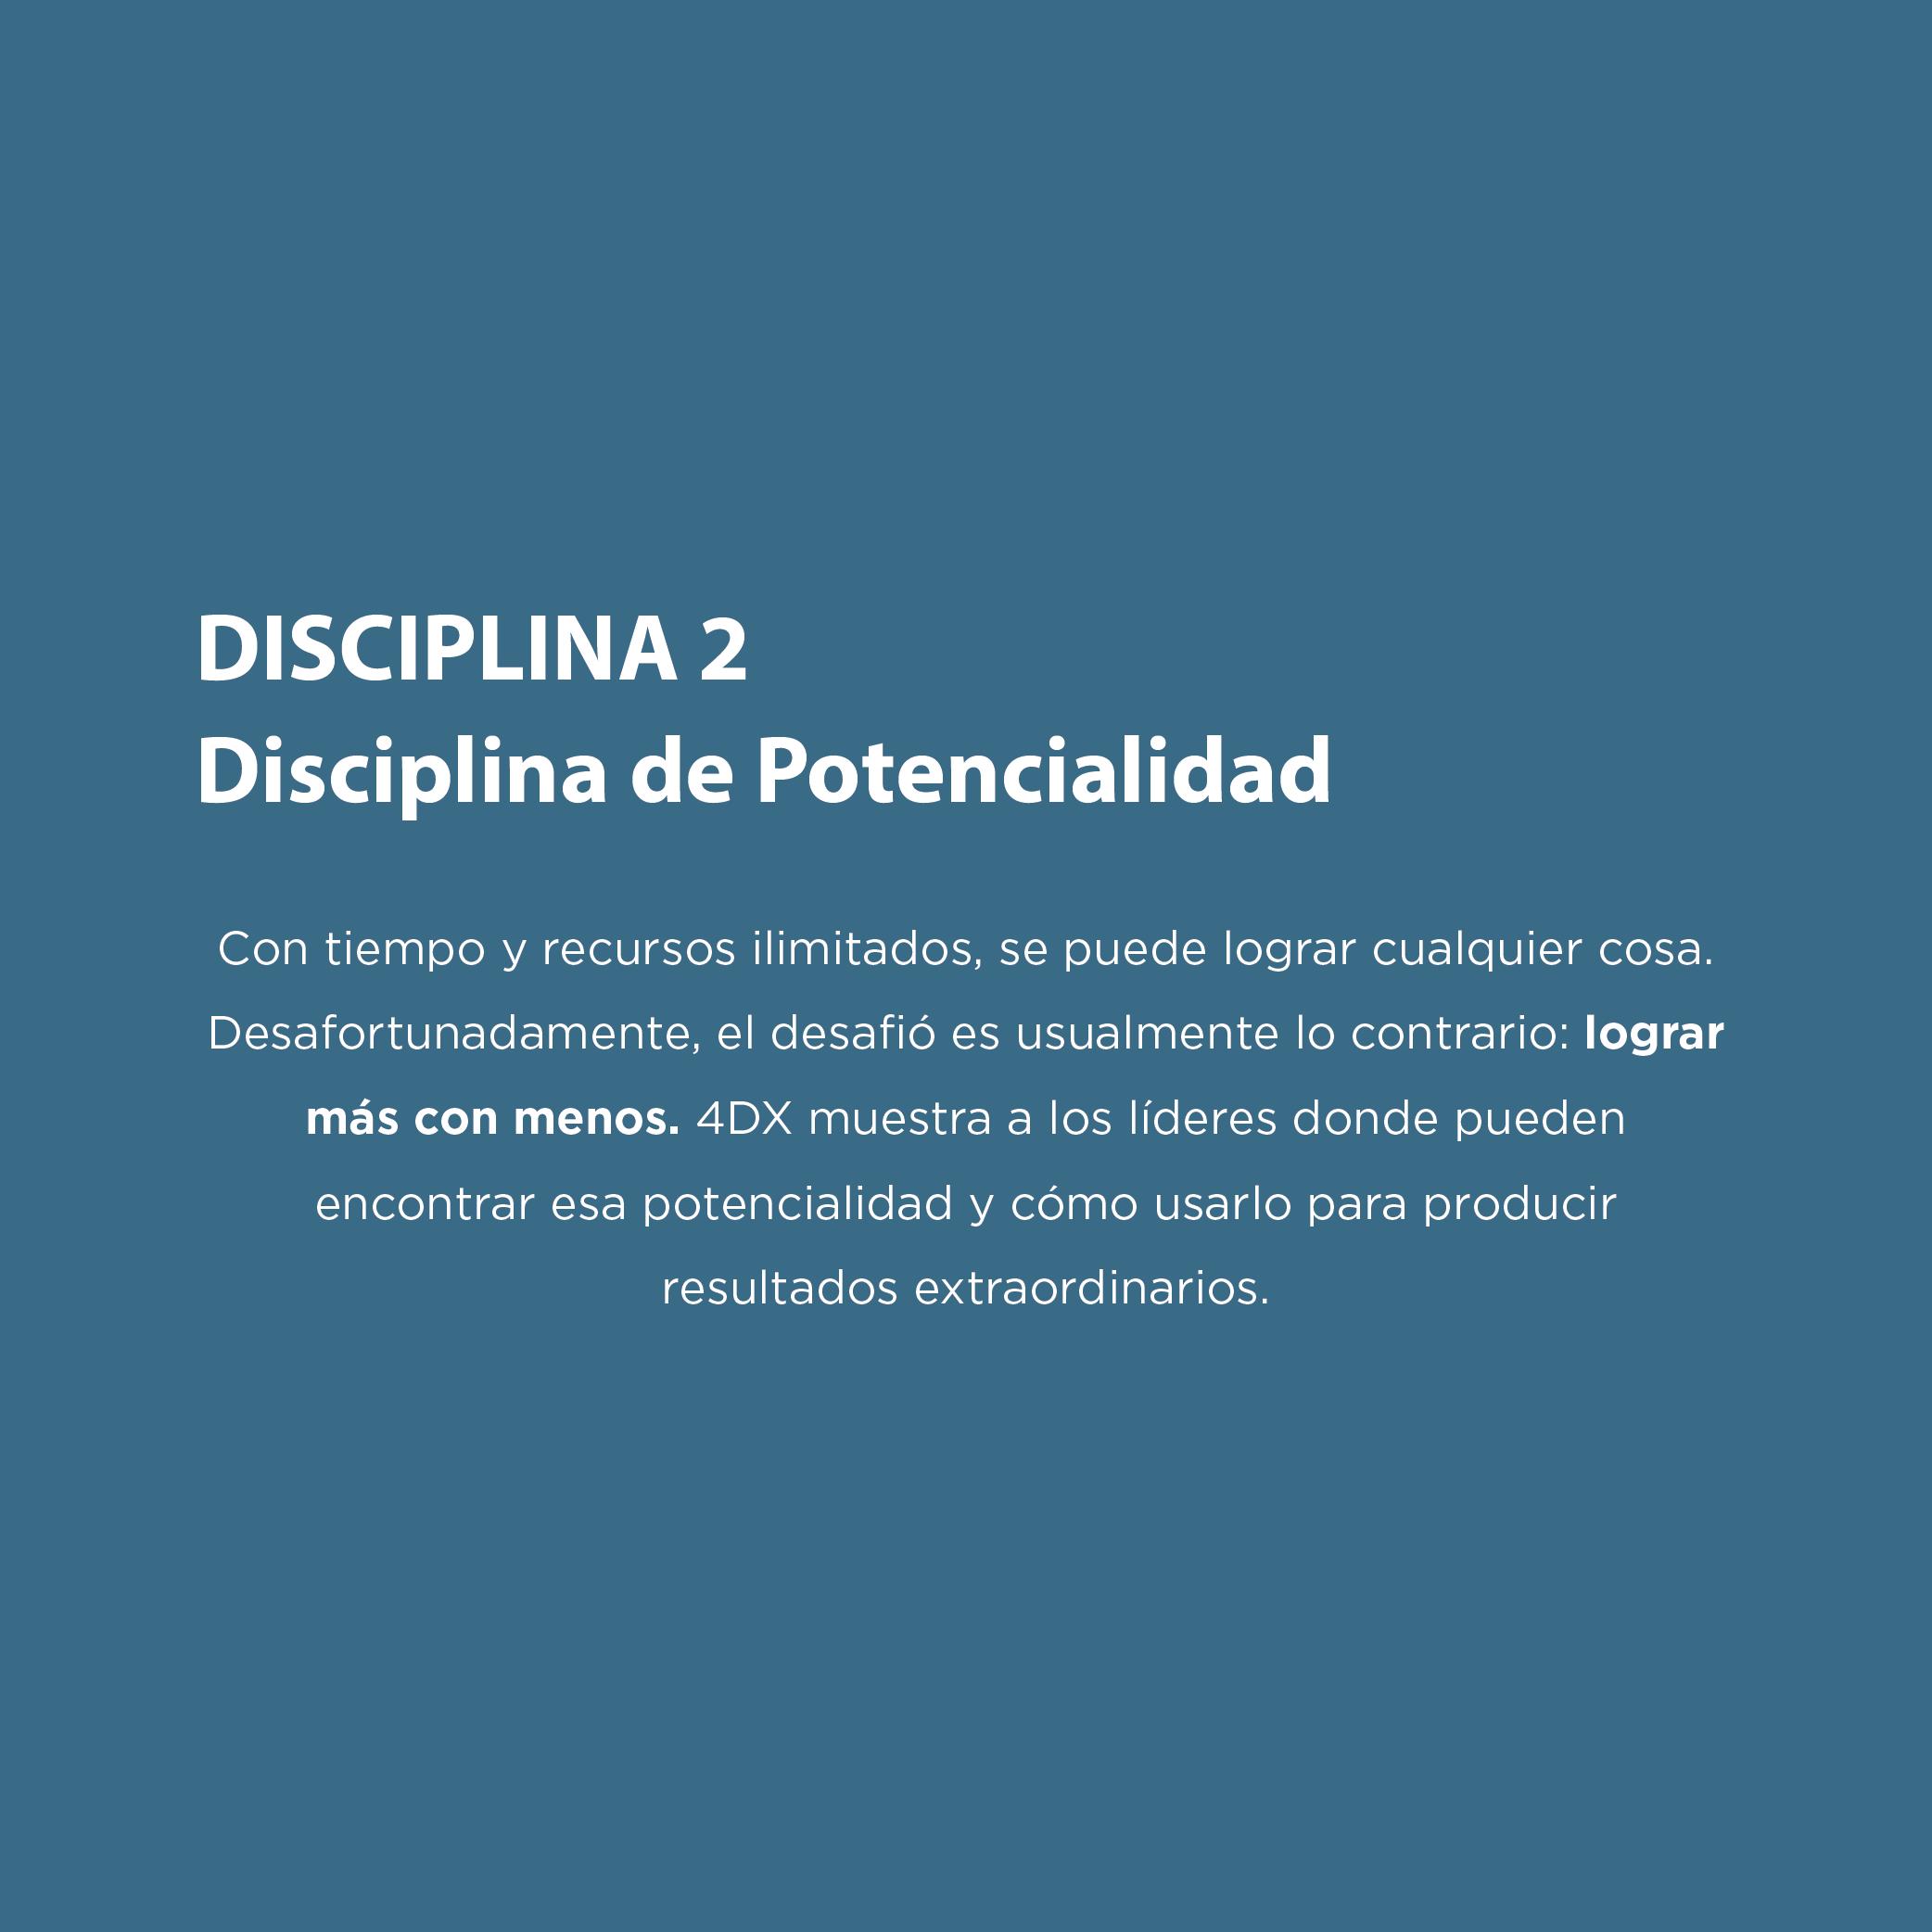 Disciplina2-01.png